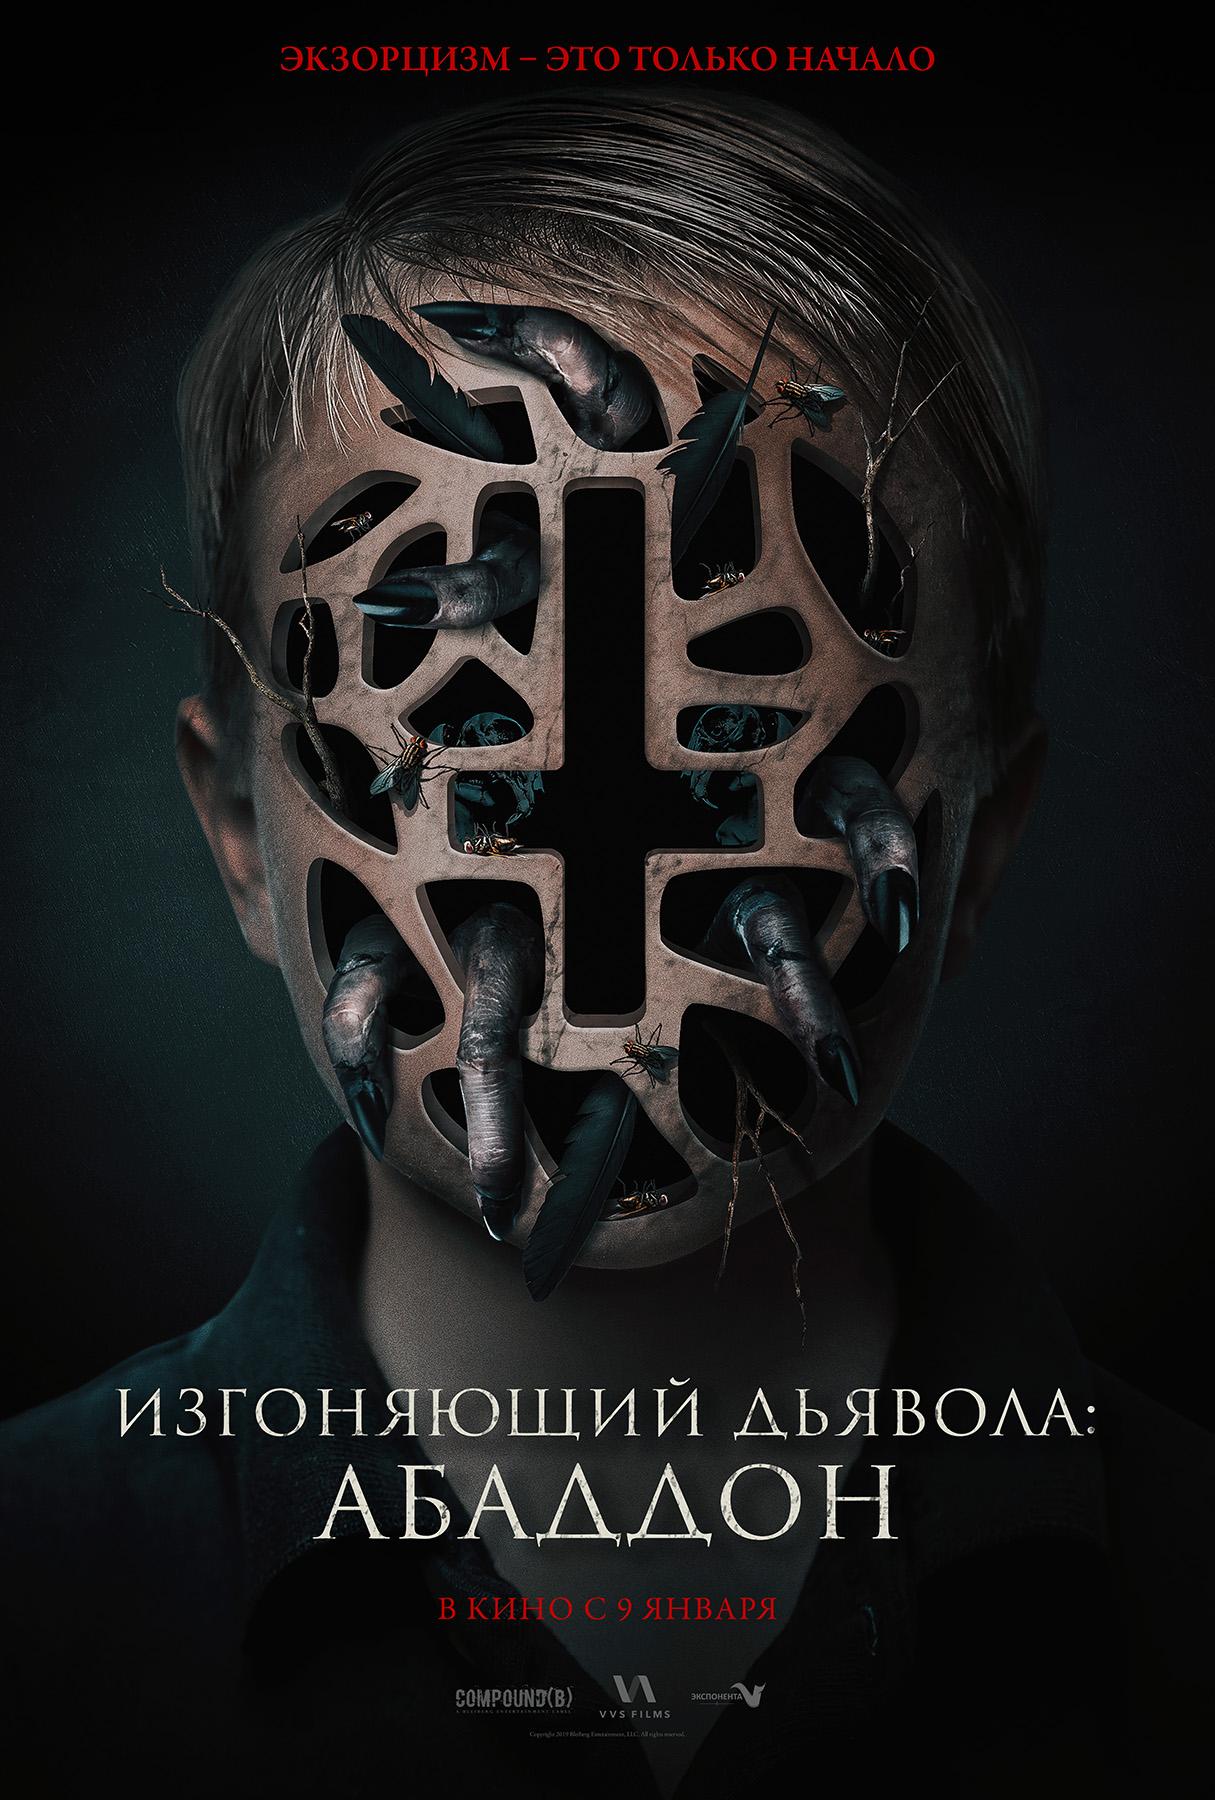 изгоняющий дьявола: абаддон 2019 постер